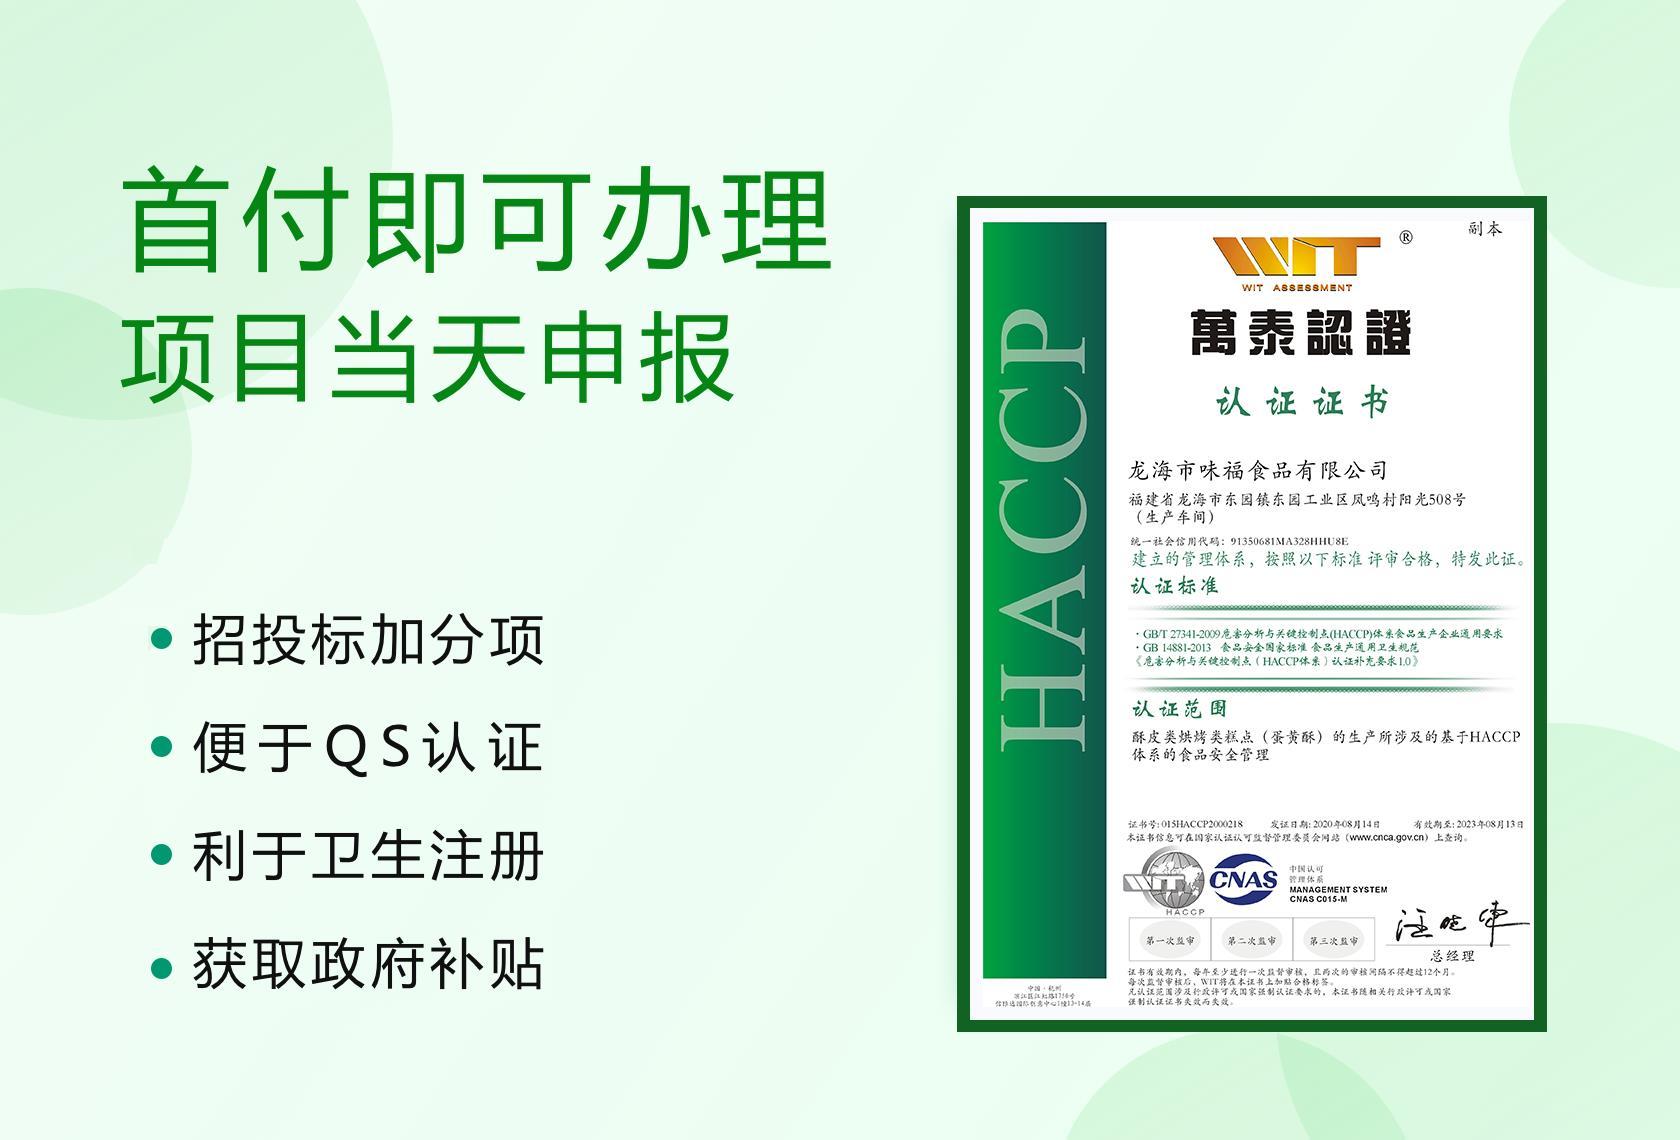 如何做ISO9001认证直接发证机构